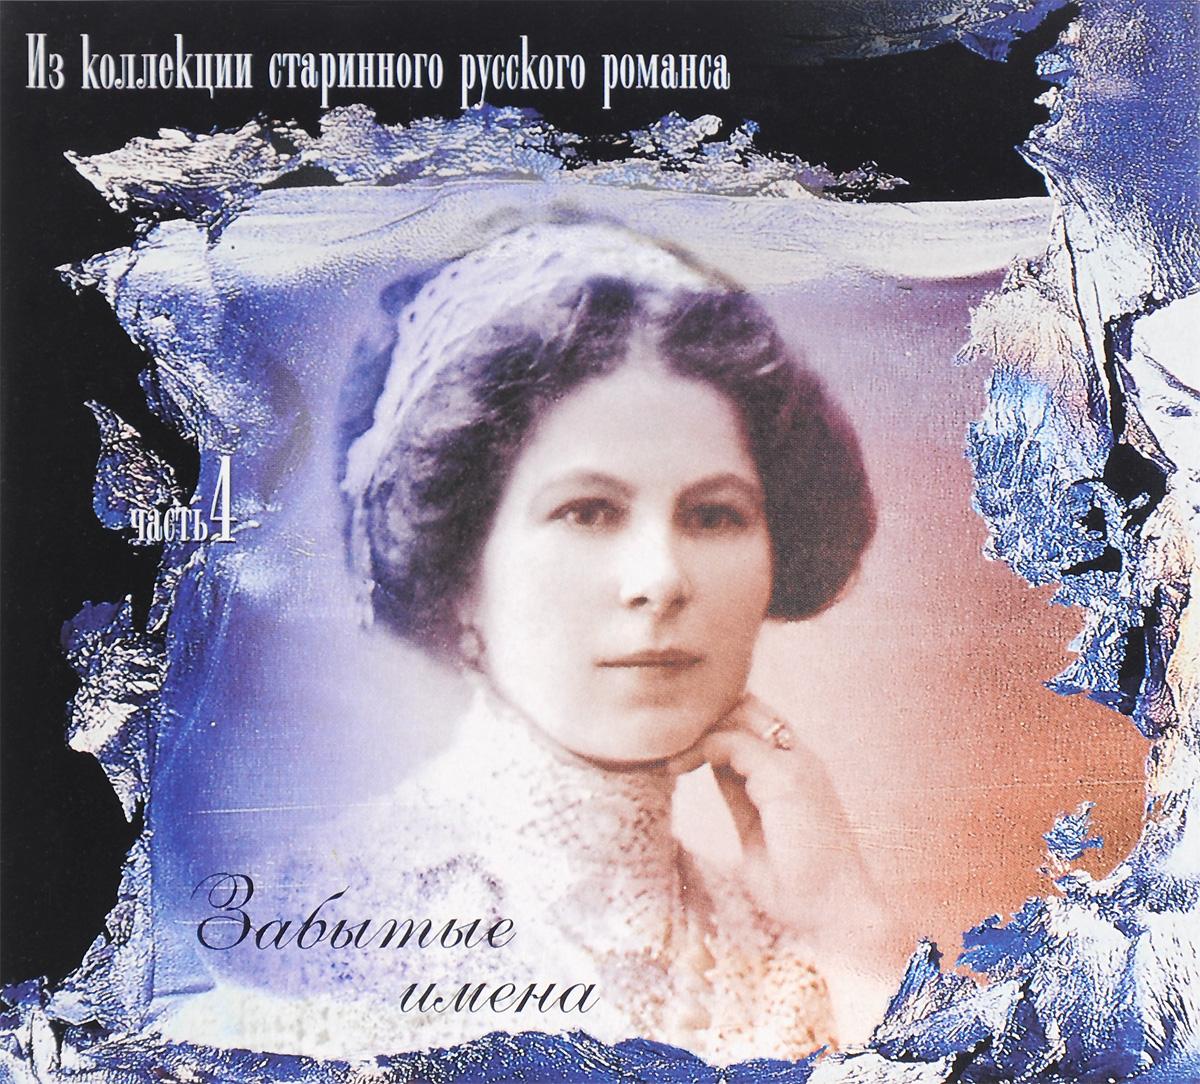 Из коллекции старинного русского романса. Часть 4. Забытые имена